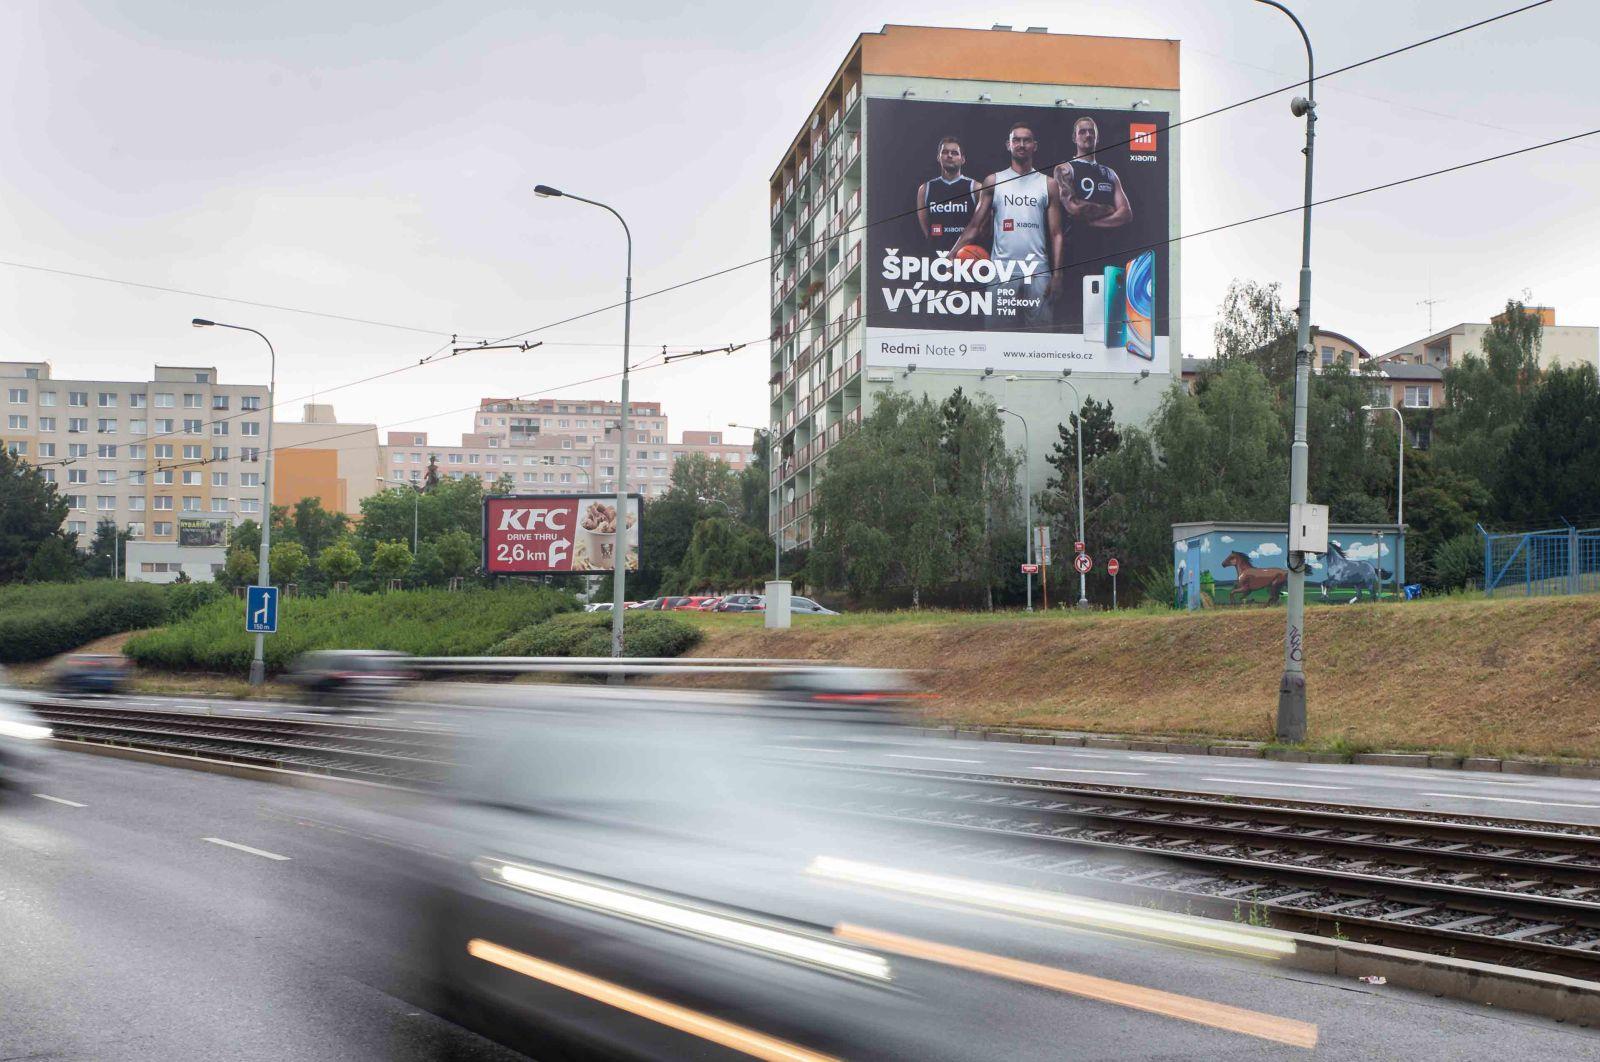 Reklamní plocha na panelovém domě, příjezd na Zličín. Lidé v tomto domě přijdou o výrazné prostředky jen proto, že Magistrát hl.m. označil toto místo za památkovou zónu !?